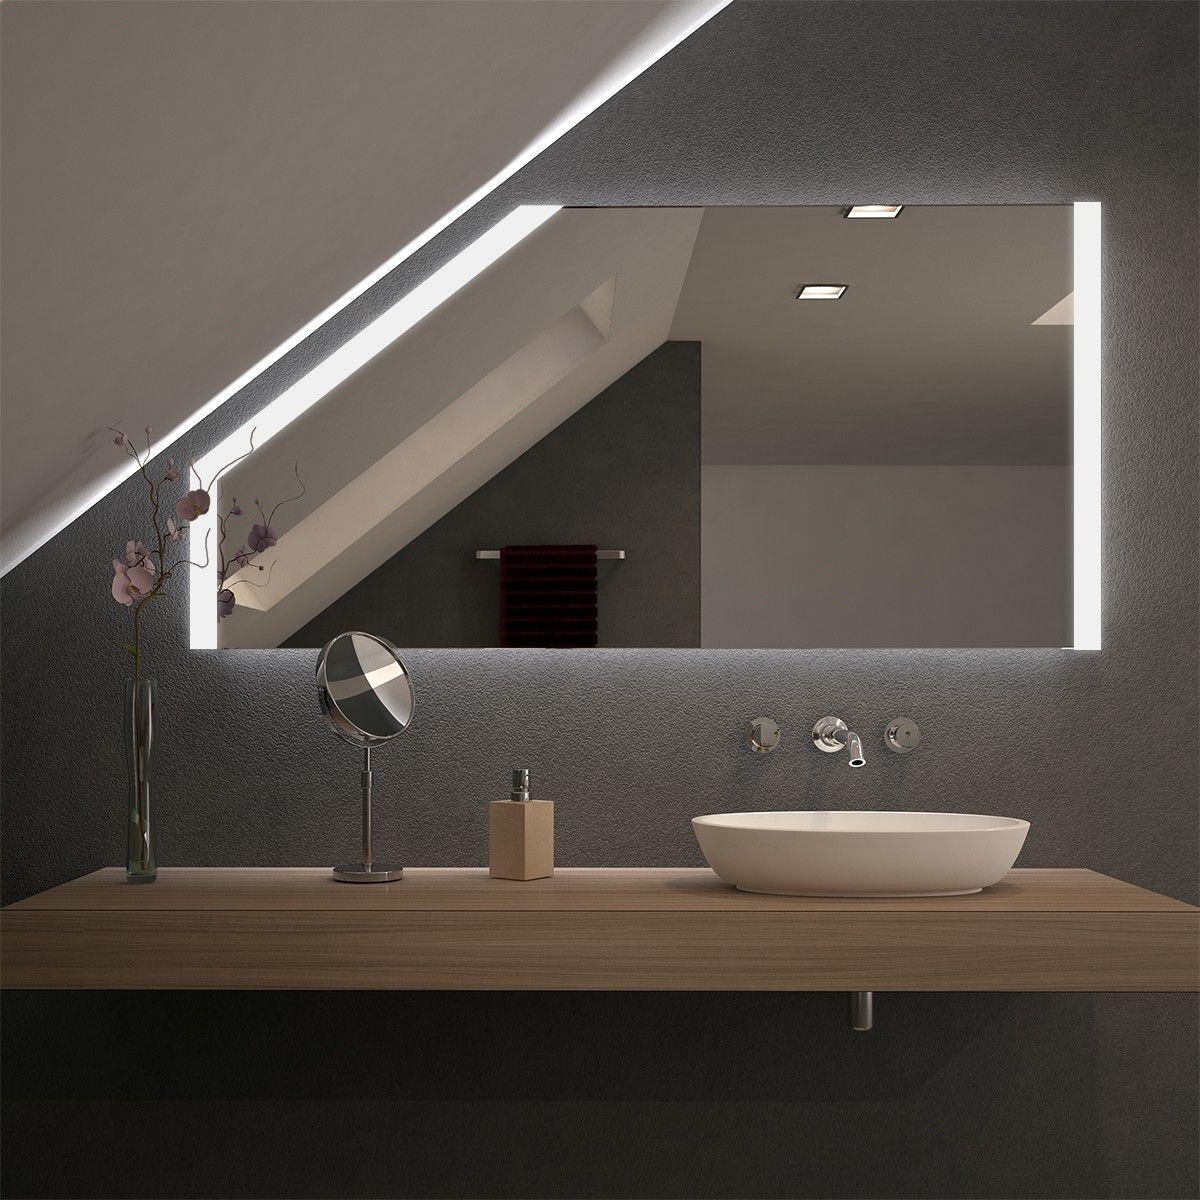 Spiegel Fur Dachschragen Mit Led Beleuchtung Singu Led Beleuchtung Badezimmer Dachschrage Beleuchtung